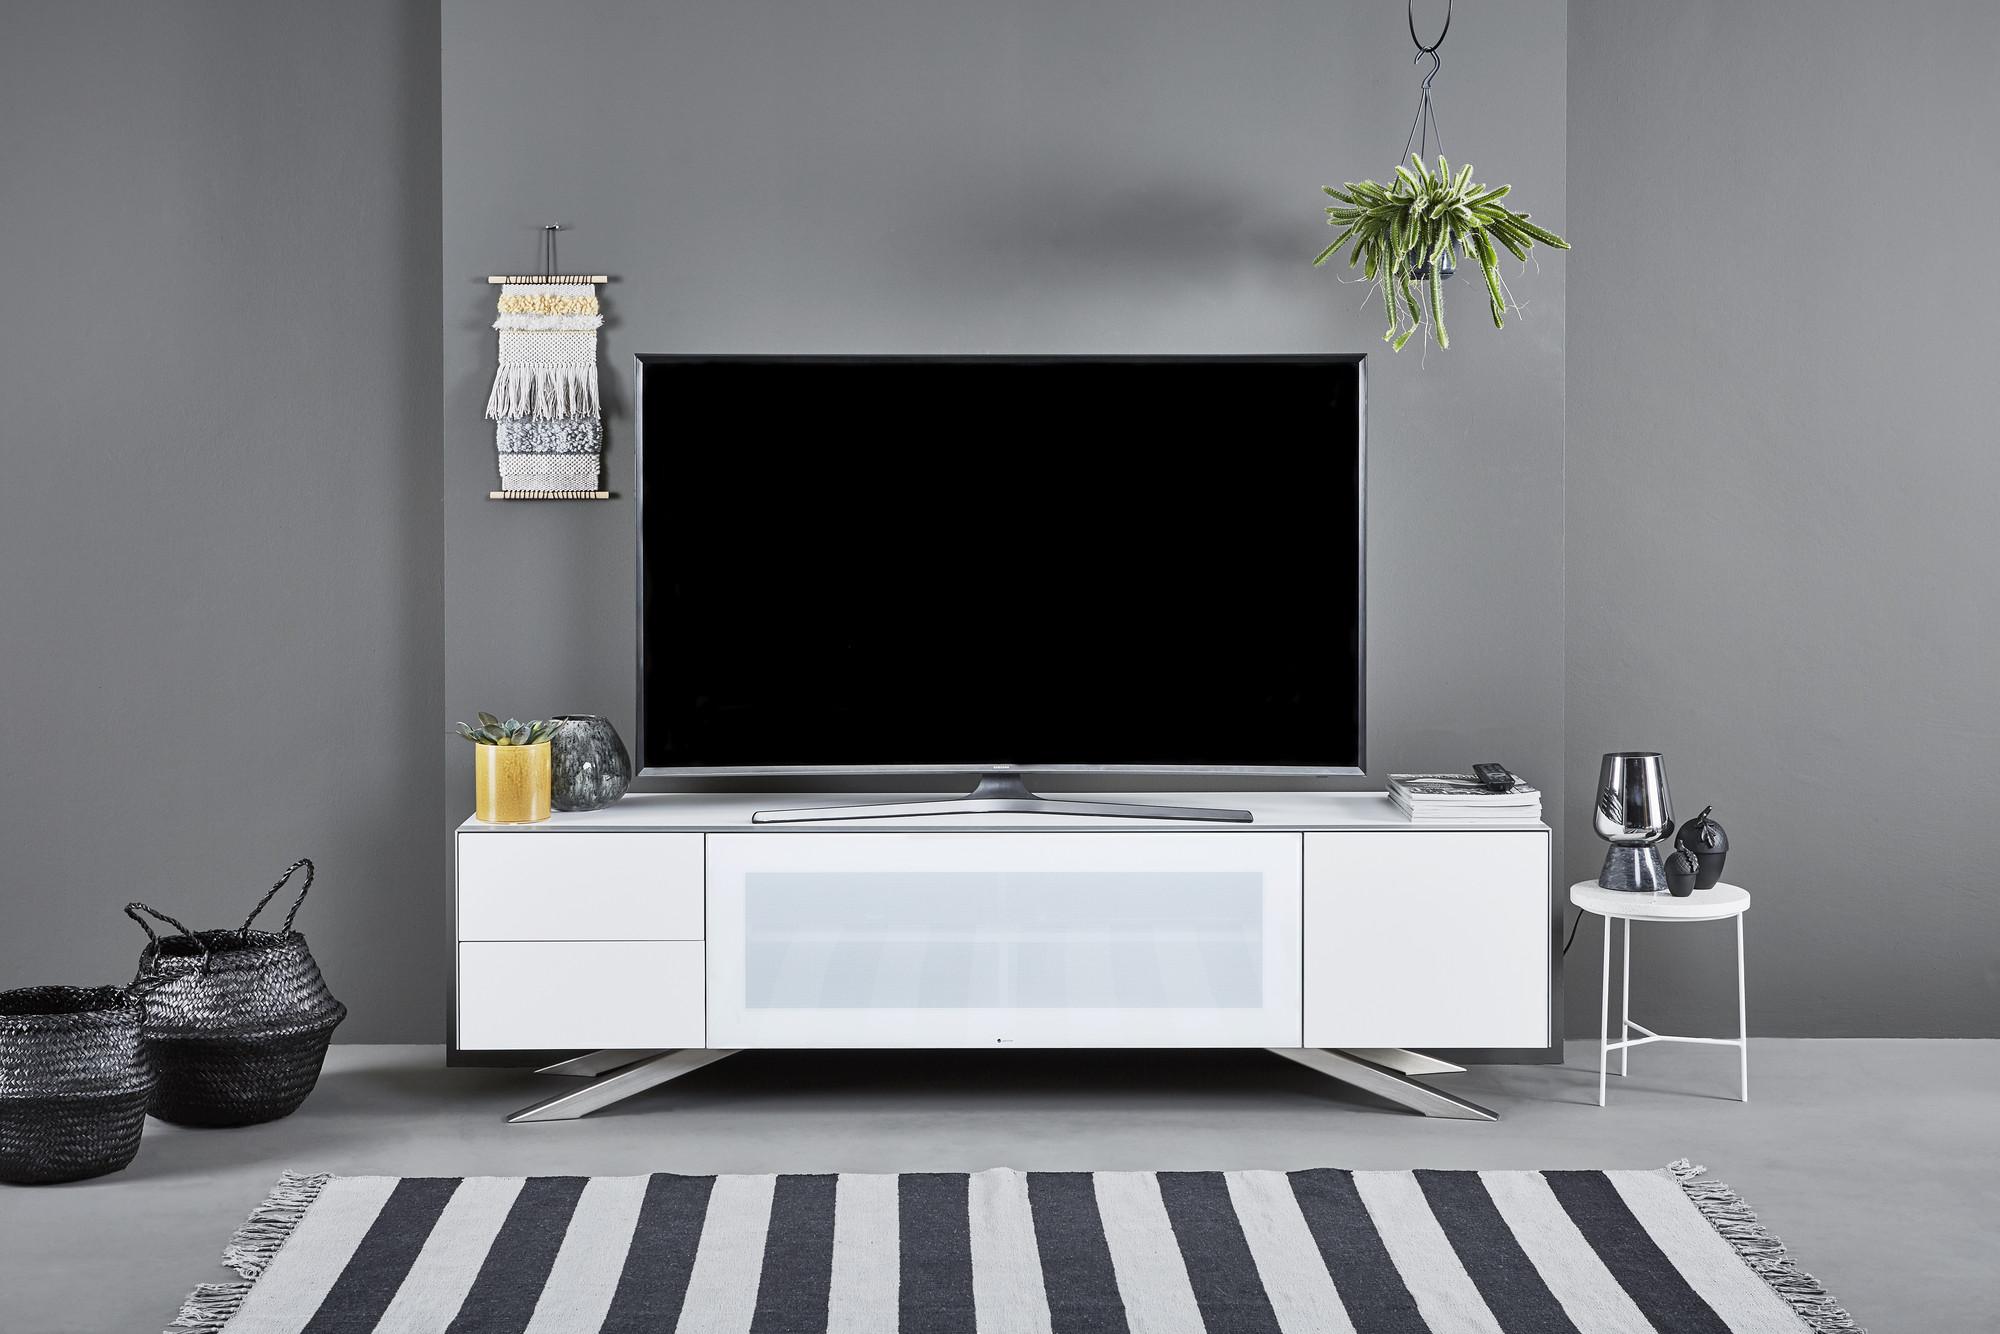 jahnke tv mobel luxor 2000 sl Möbel die mehr Können u2013 Jahnke Möbel